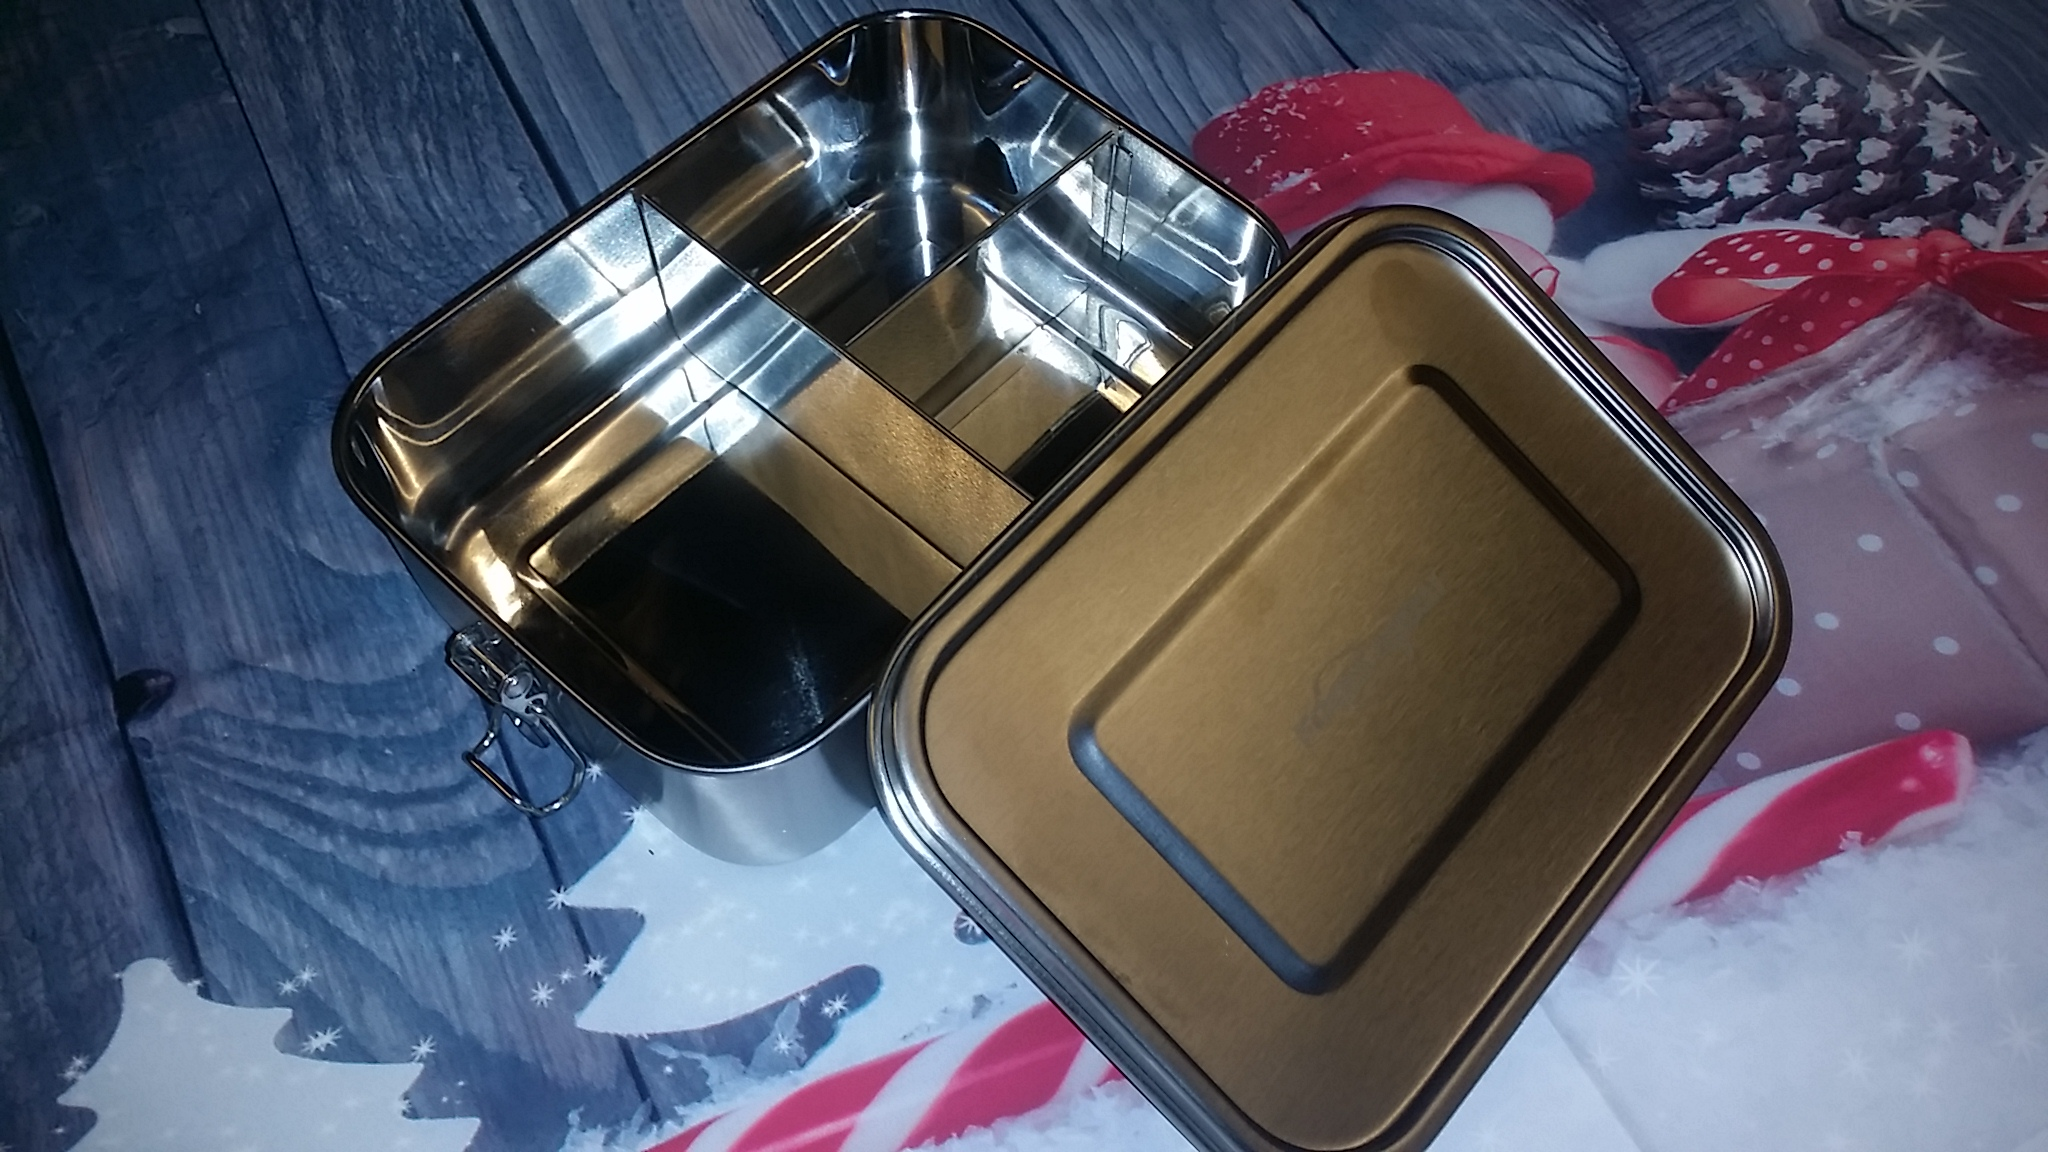 Sehr schöne Lunchbox